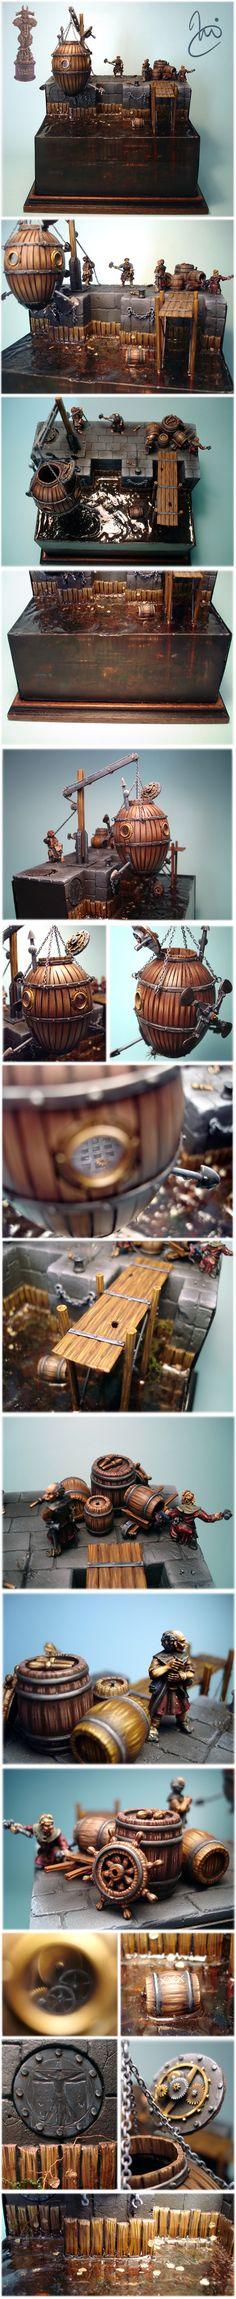 Games Day Germany 2006 Bronze Diorama: Leonardo DeMiragliano´s Answer...